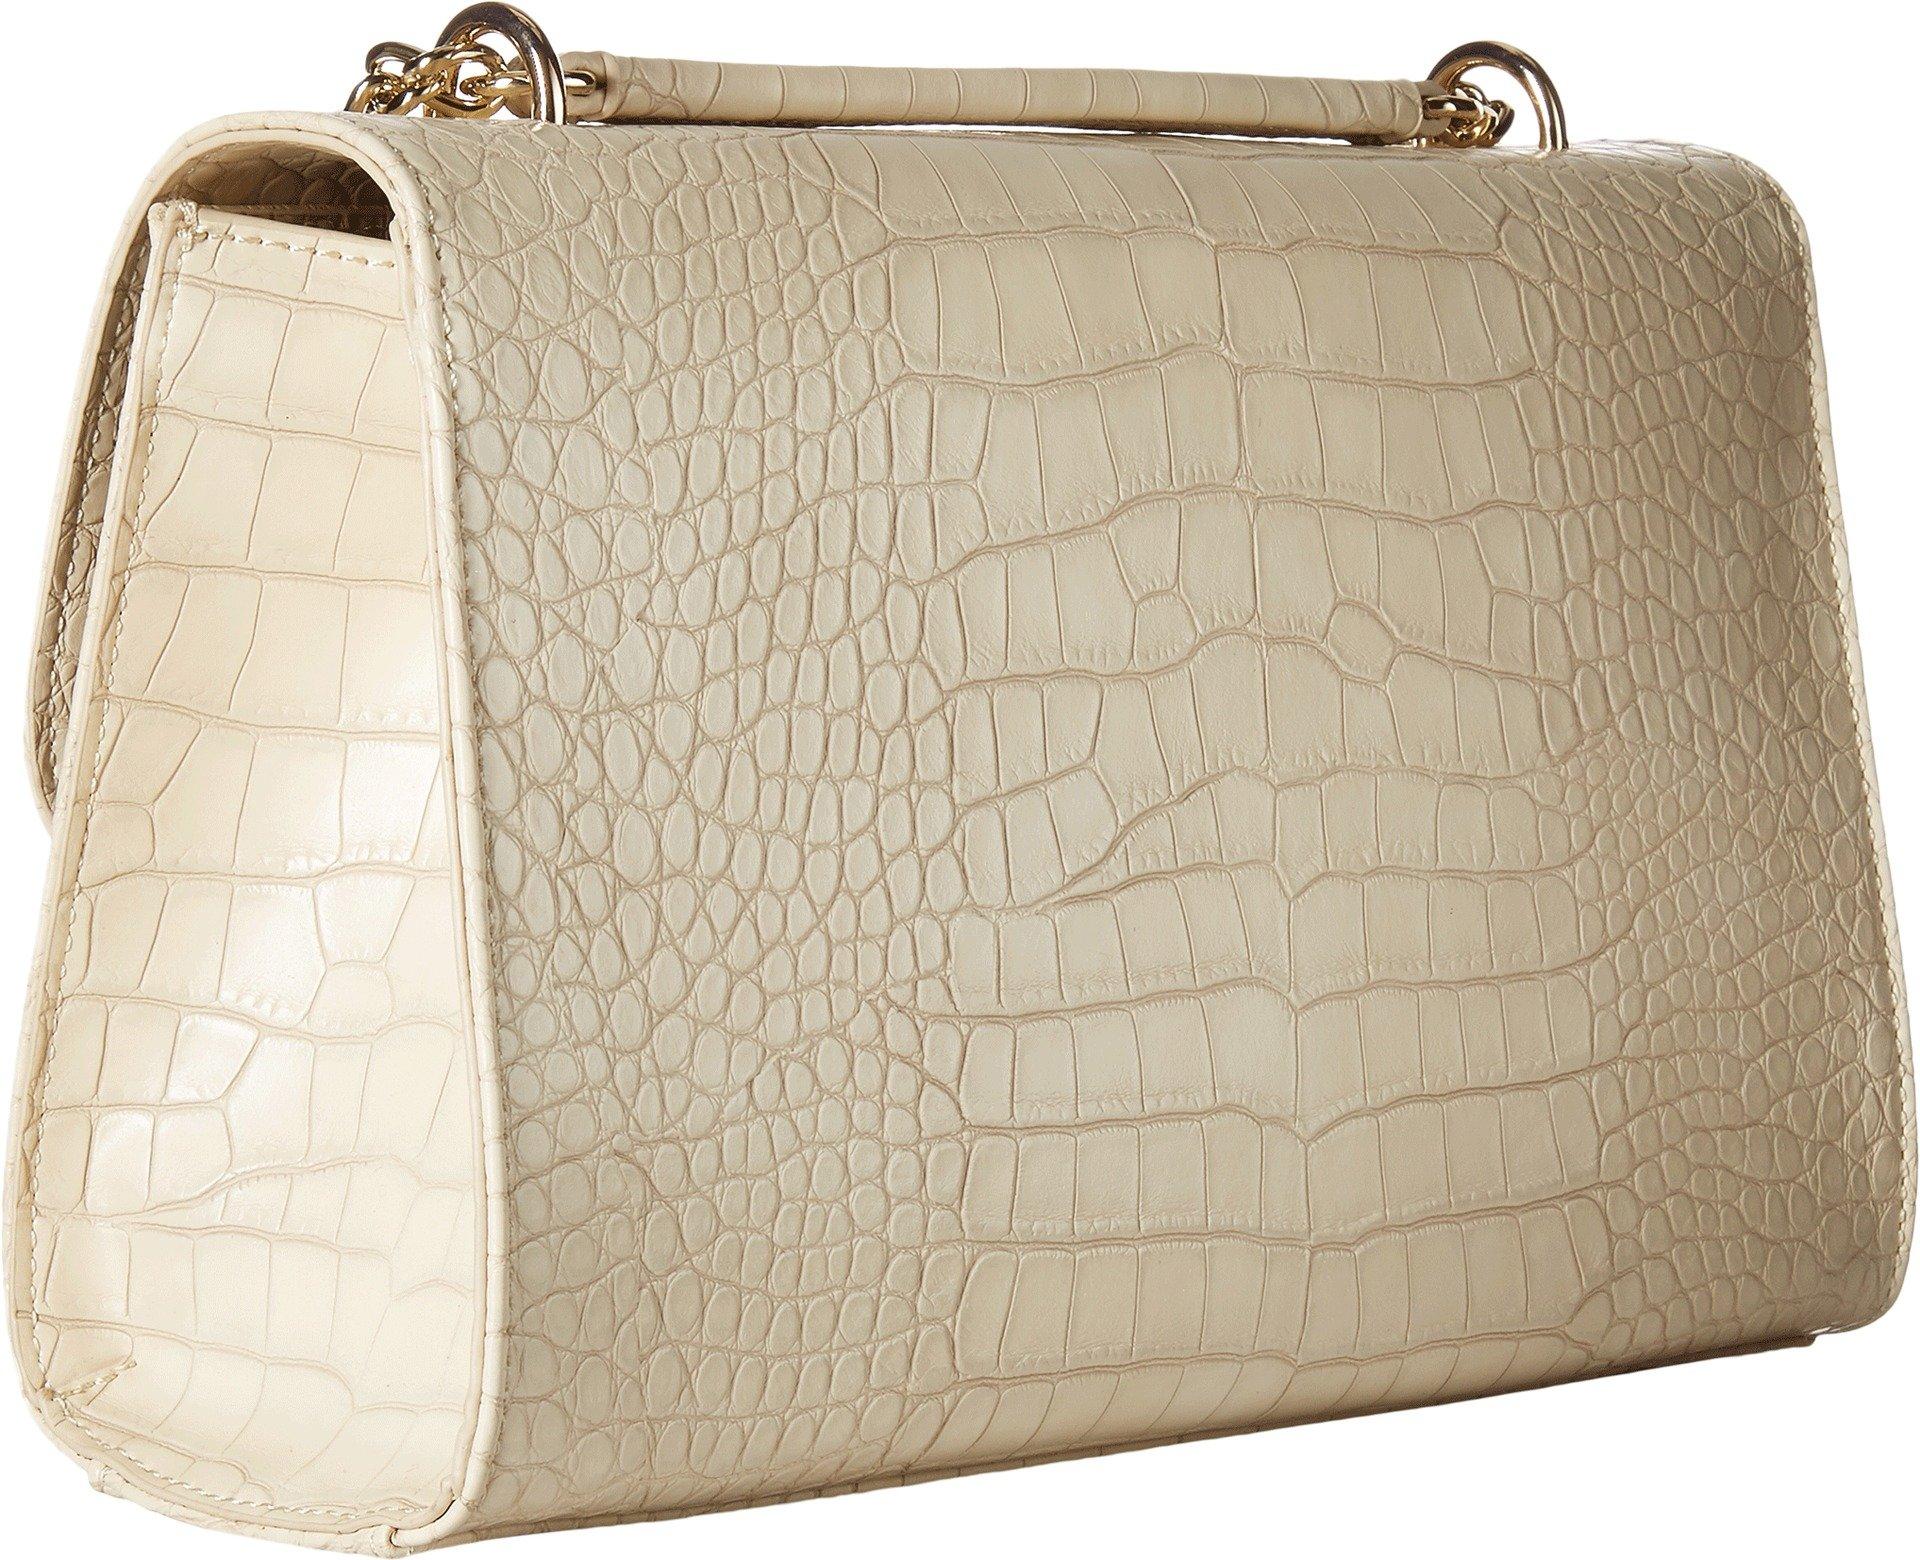 LOVE Moschino Women's Croco Pu Shoulder Bag White Handbag by Love Moschino (Image #2)